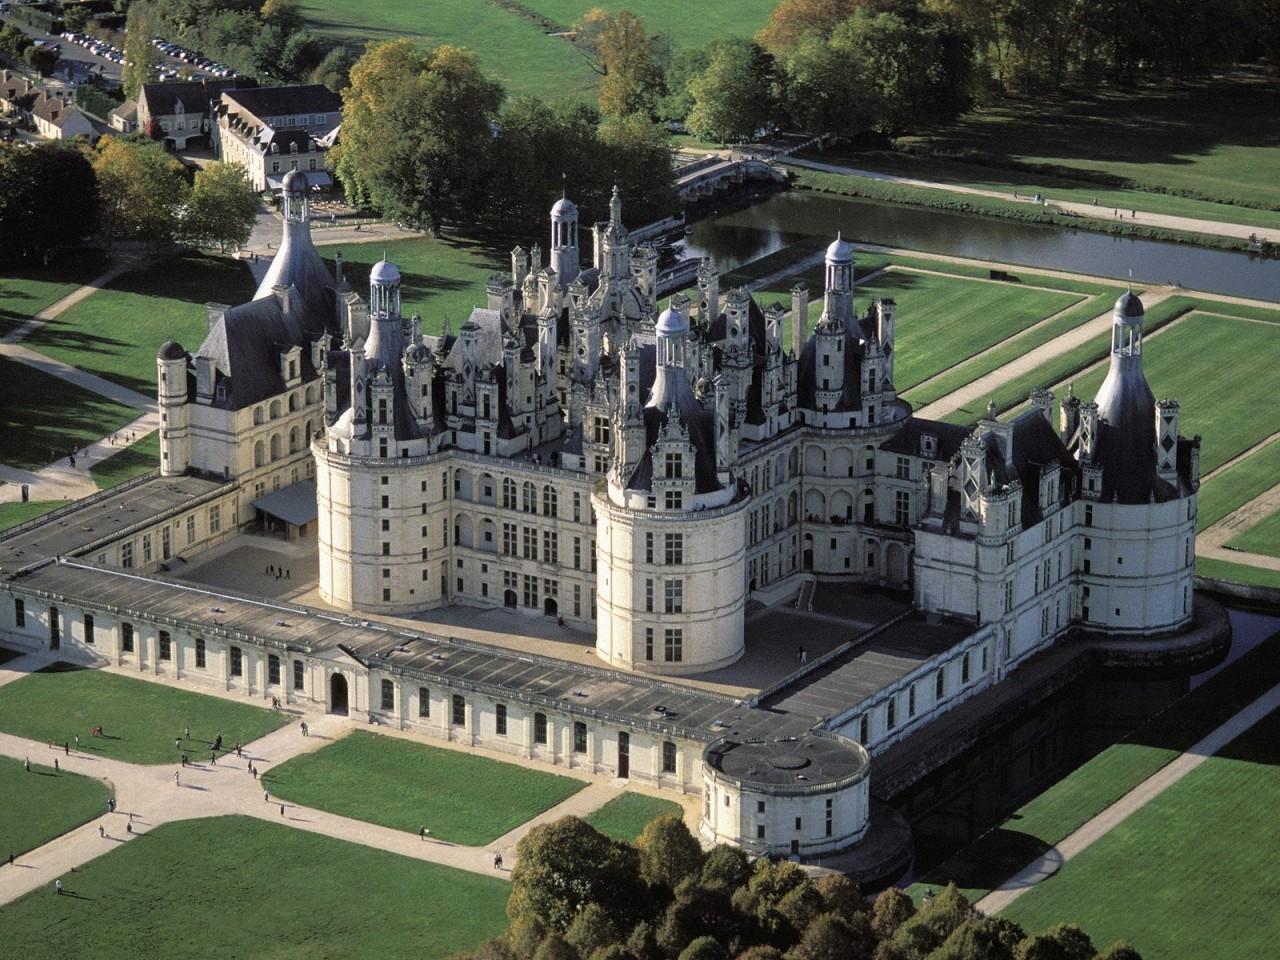 http://www.abcfrancais.com/wp-content/uploads/2012/10/chateau-chambord-aerien2.jpg